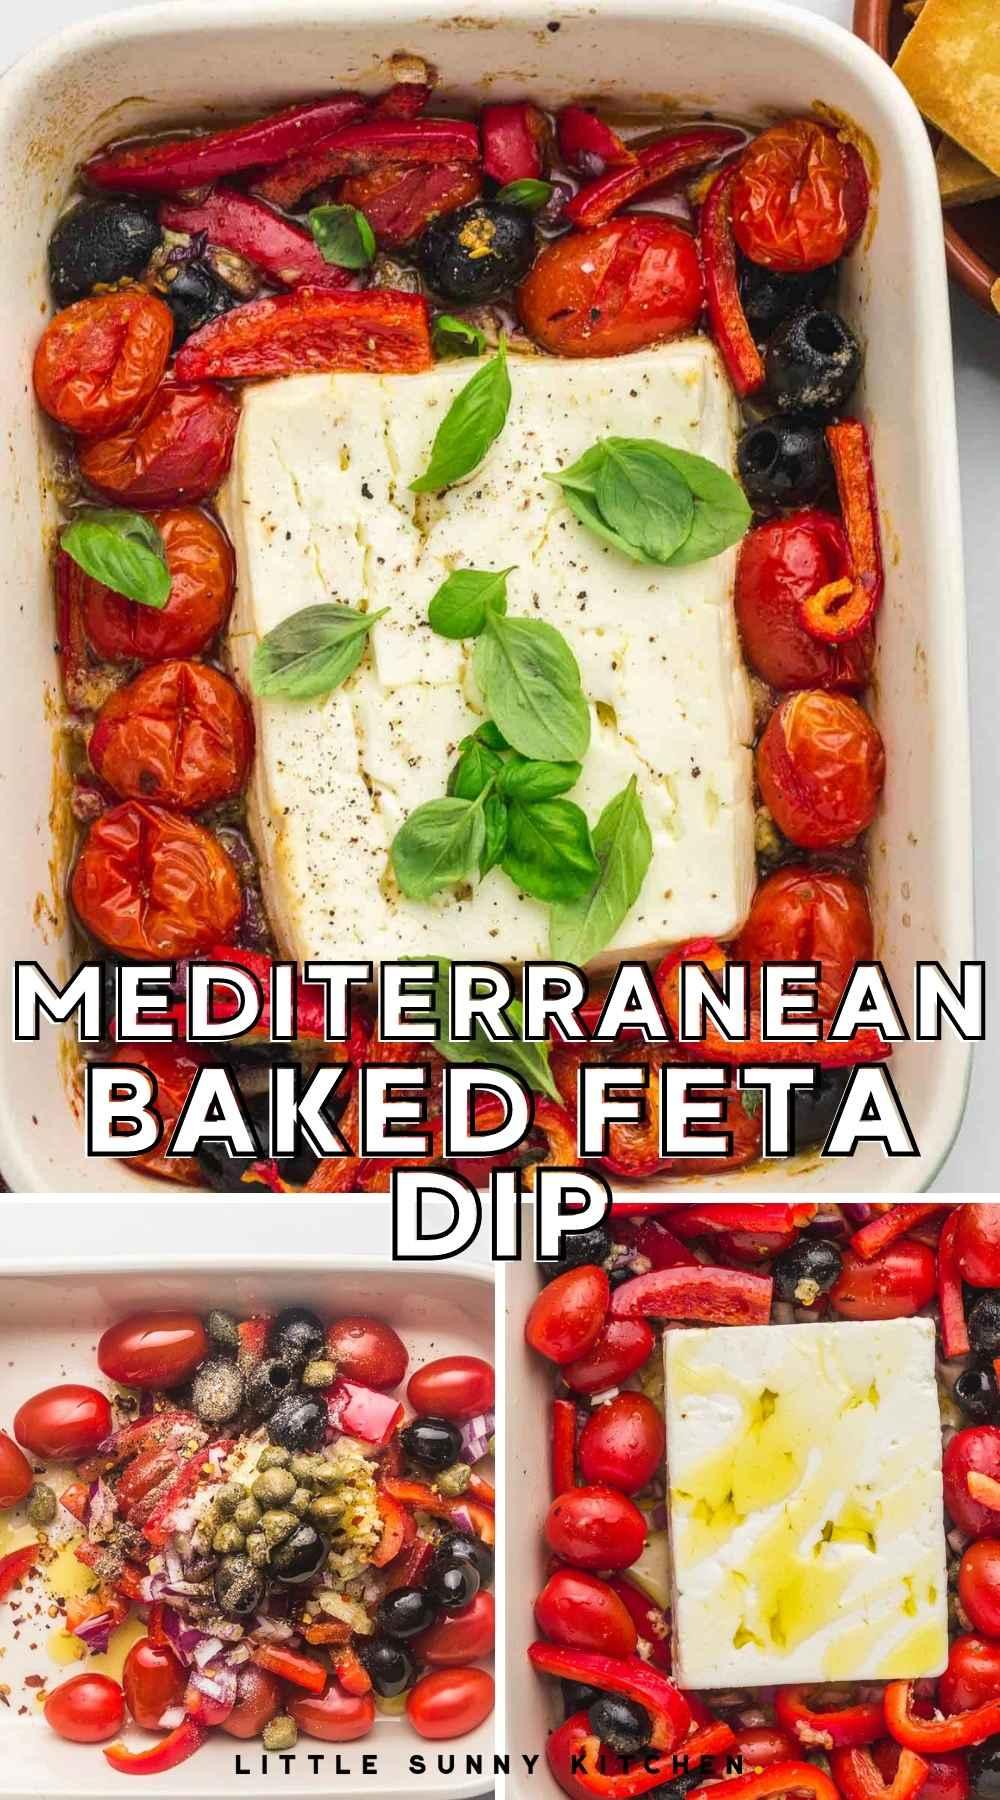 Mediterranean Baked Feta Dip pinnable image